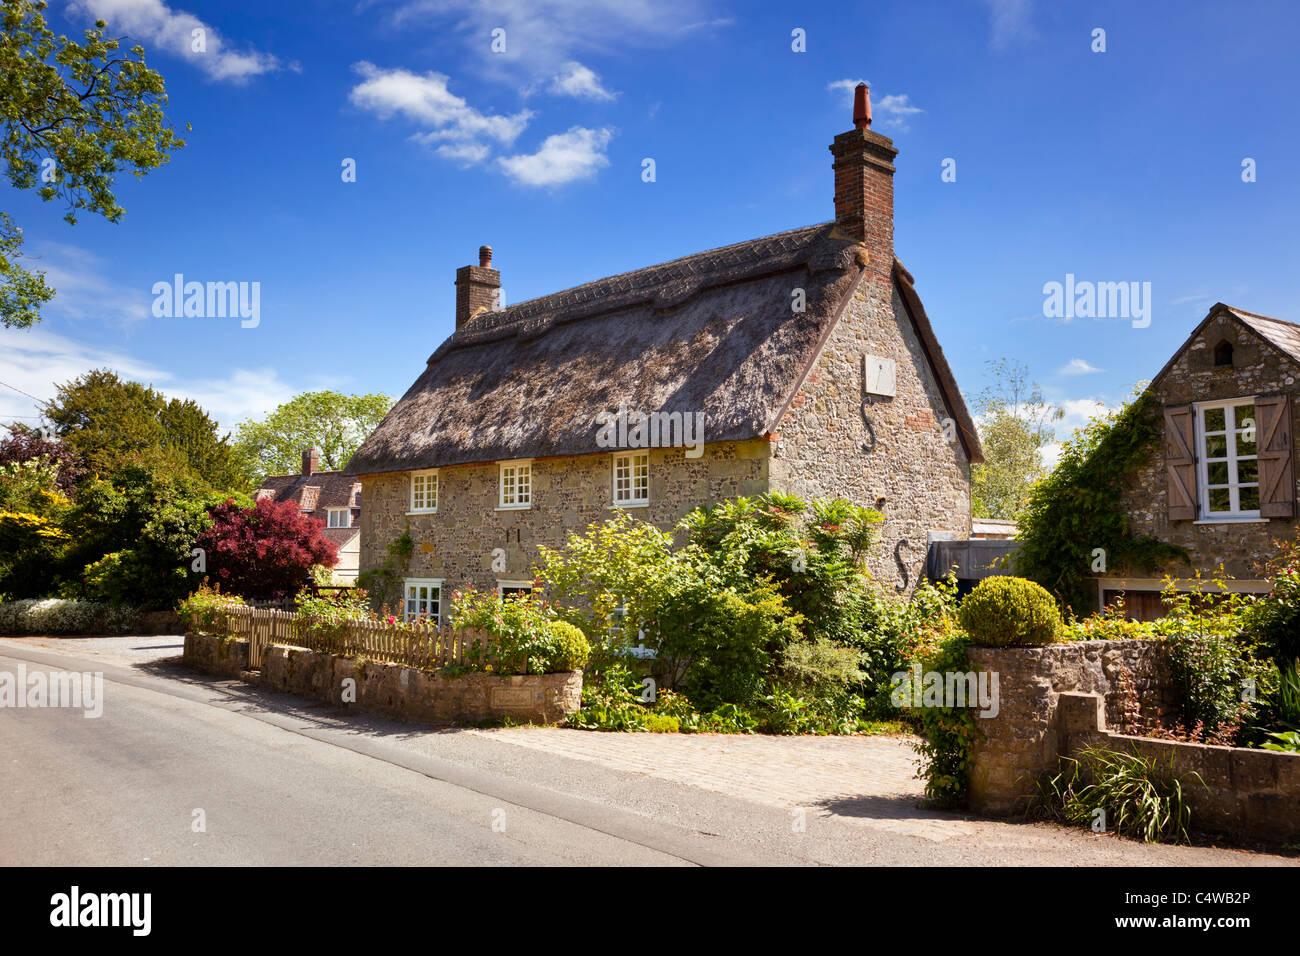 Thatched cottage country house dans le joli village anglais de Ashmore, Dorset, England, UK Photo Stock